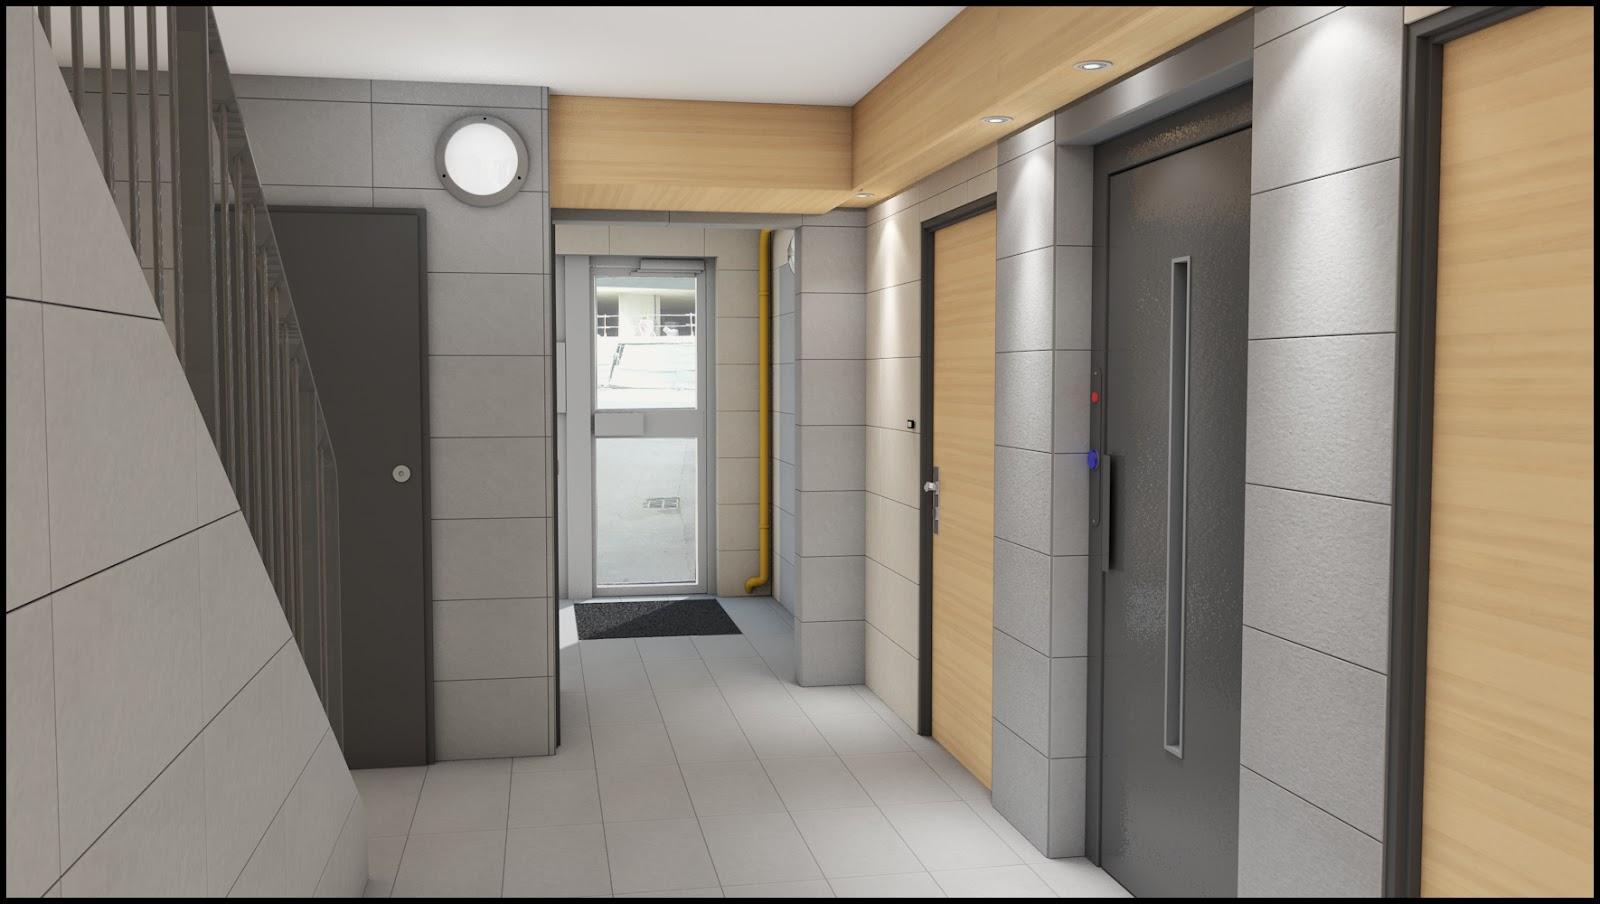 hall d 39 entr e projet 1 plurihabitat l 39 effort r mois akom design. Black Bedroom Furniture Sets. Home Design Ideas